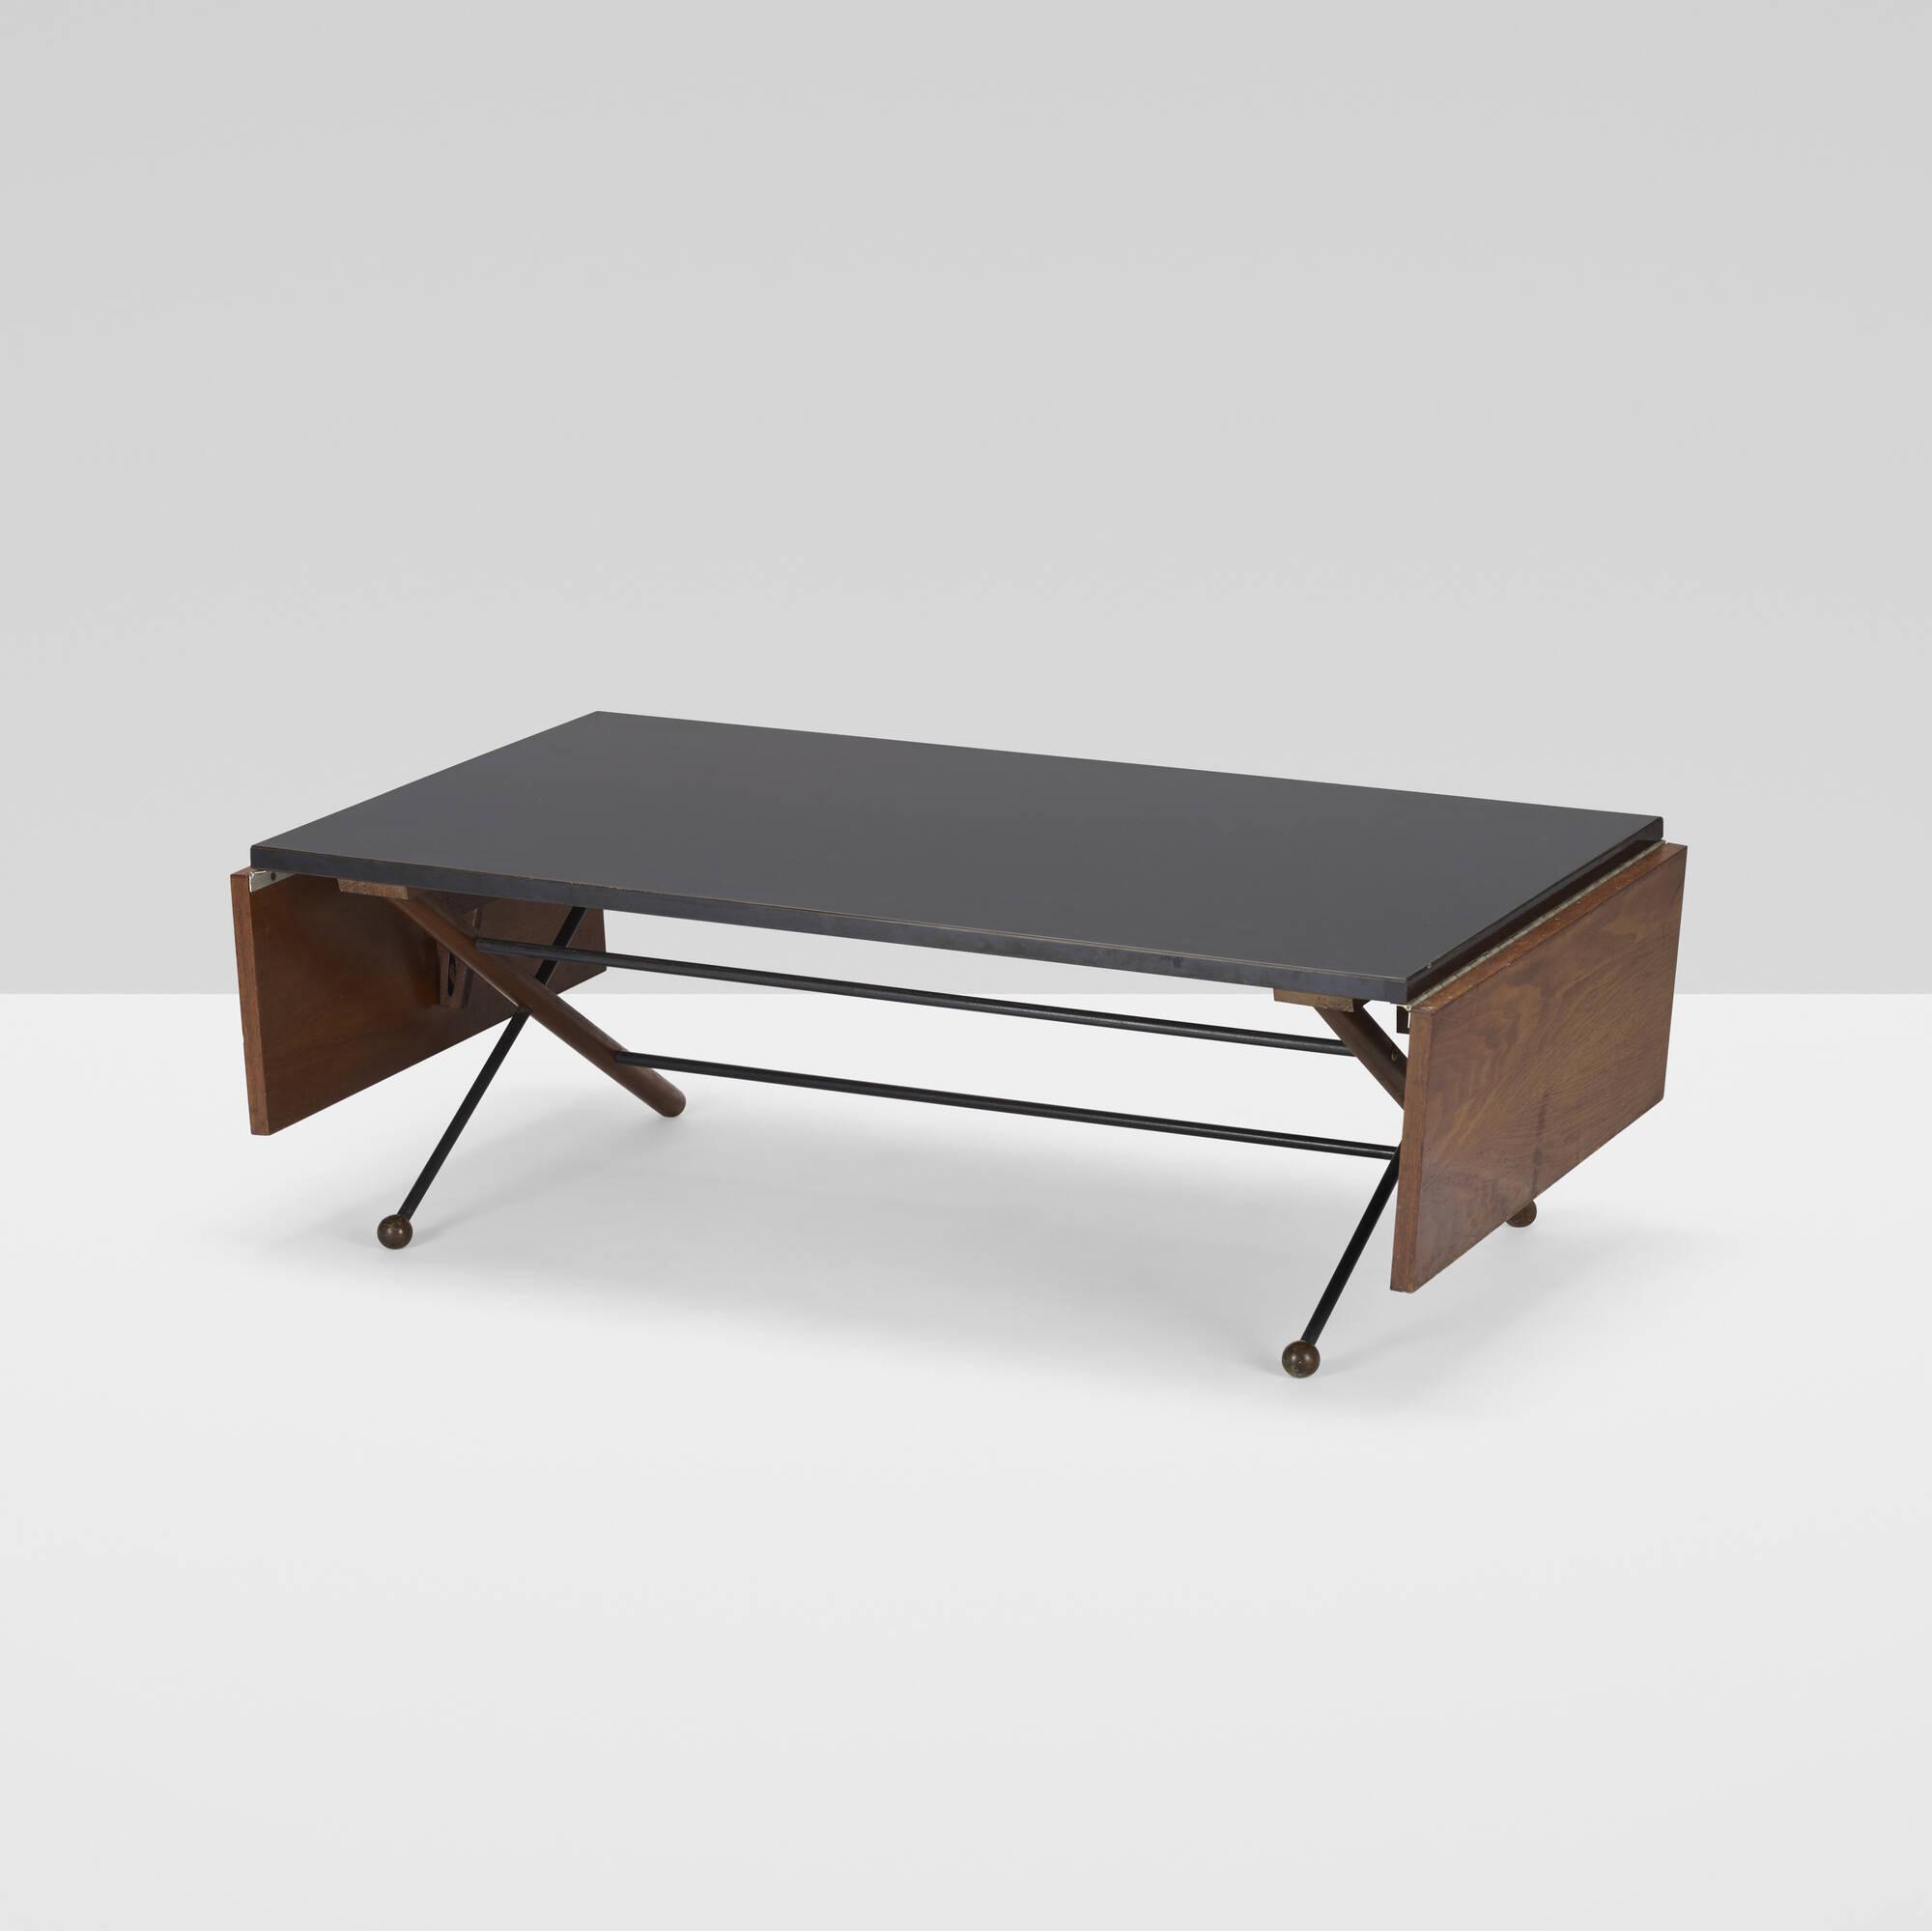 354: Greta Magnusson Grossman / drop-leaf coffee table (2 of 3)